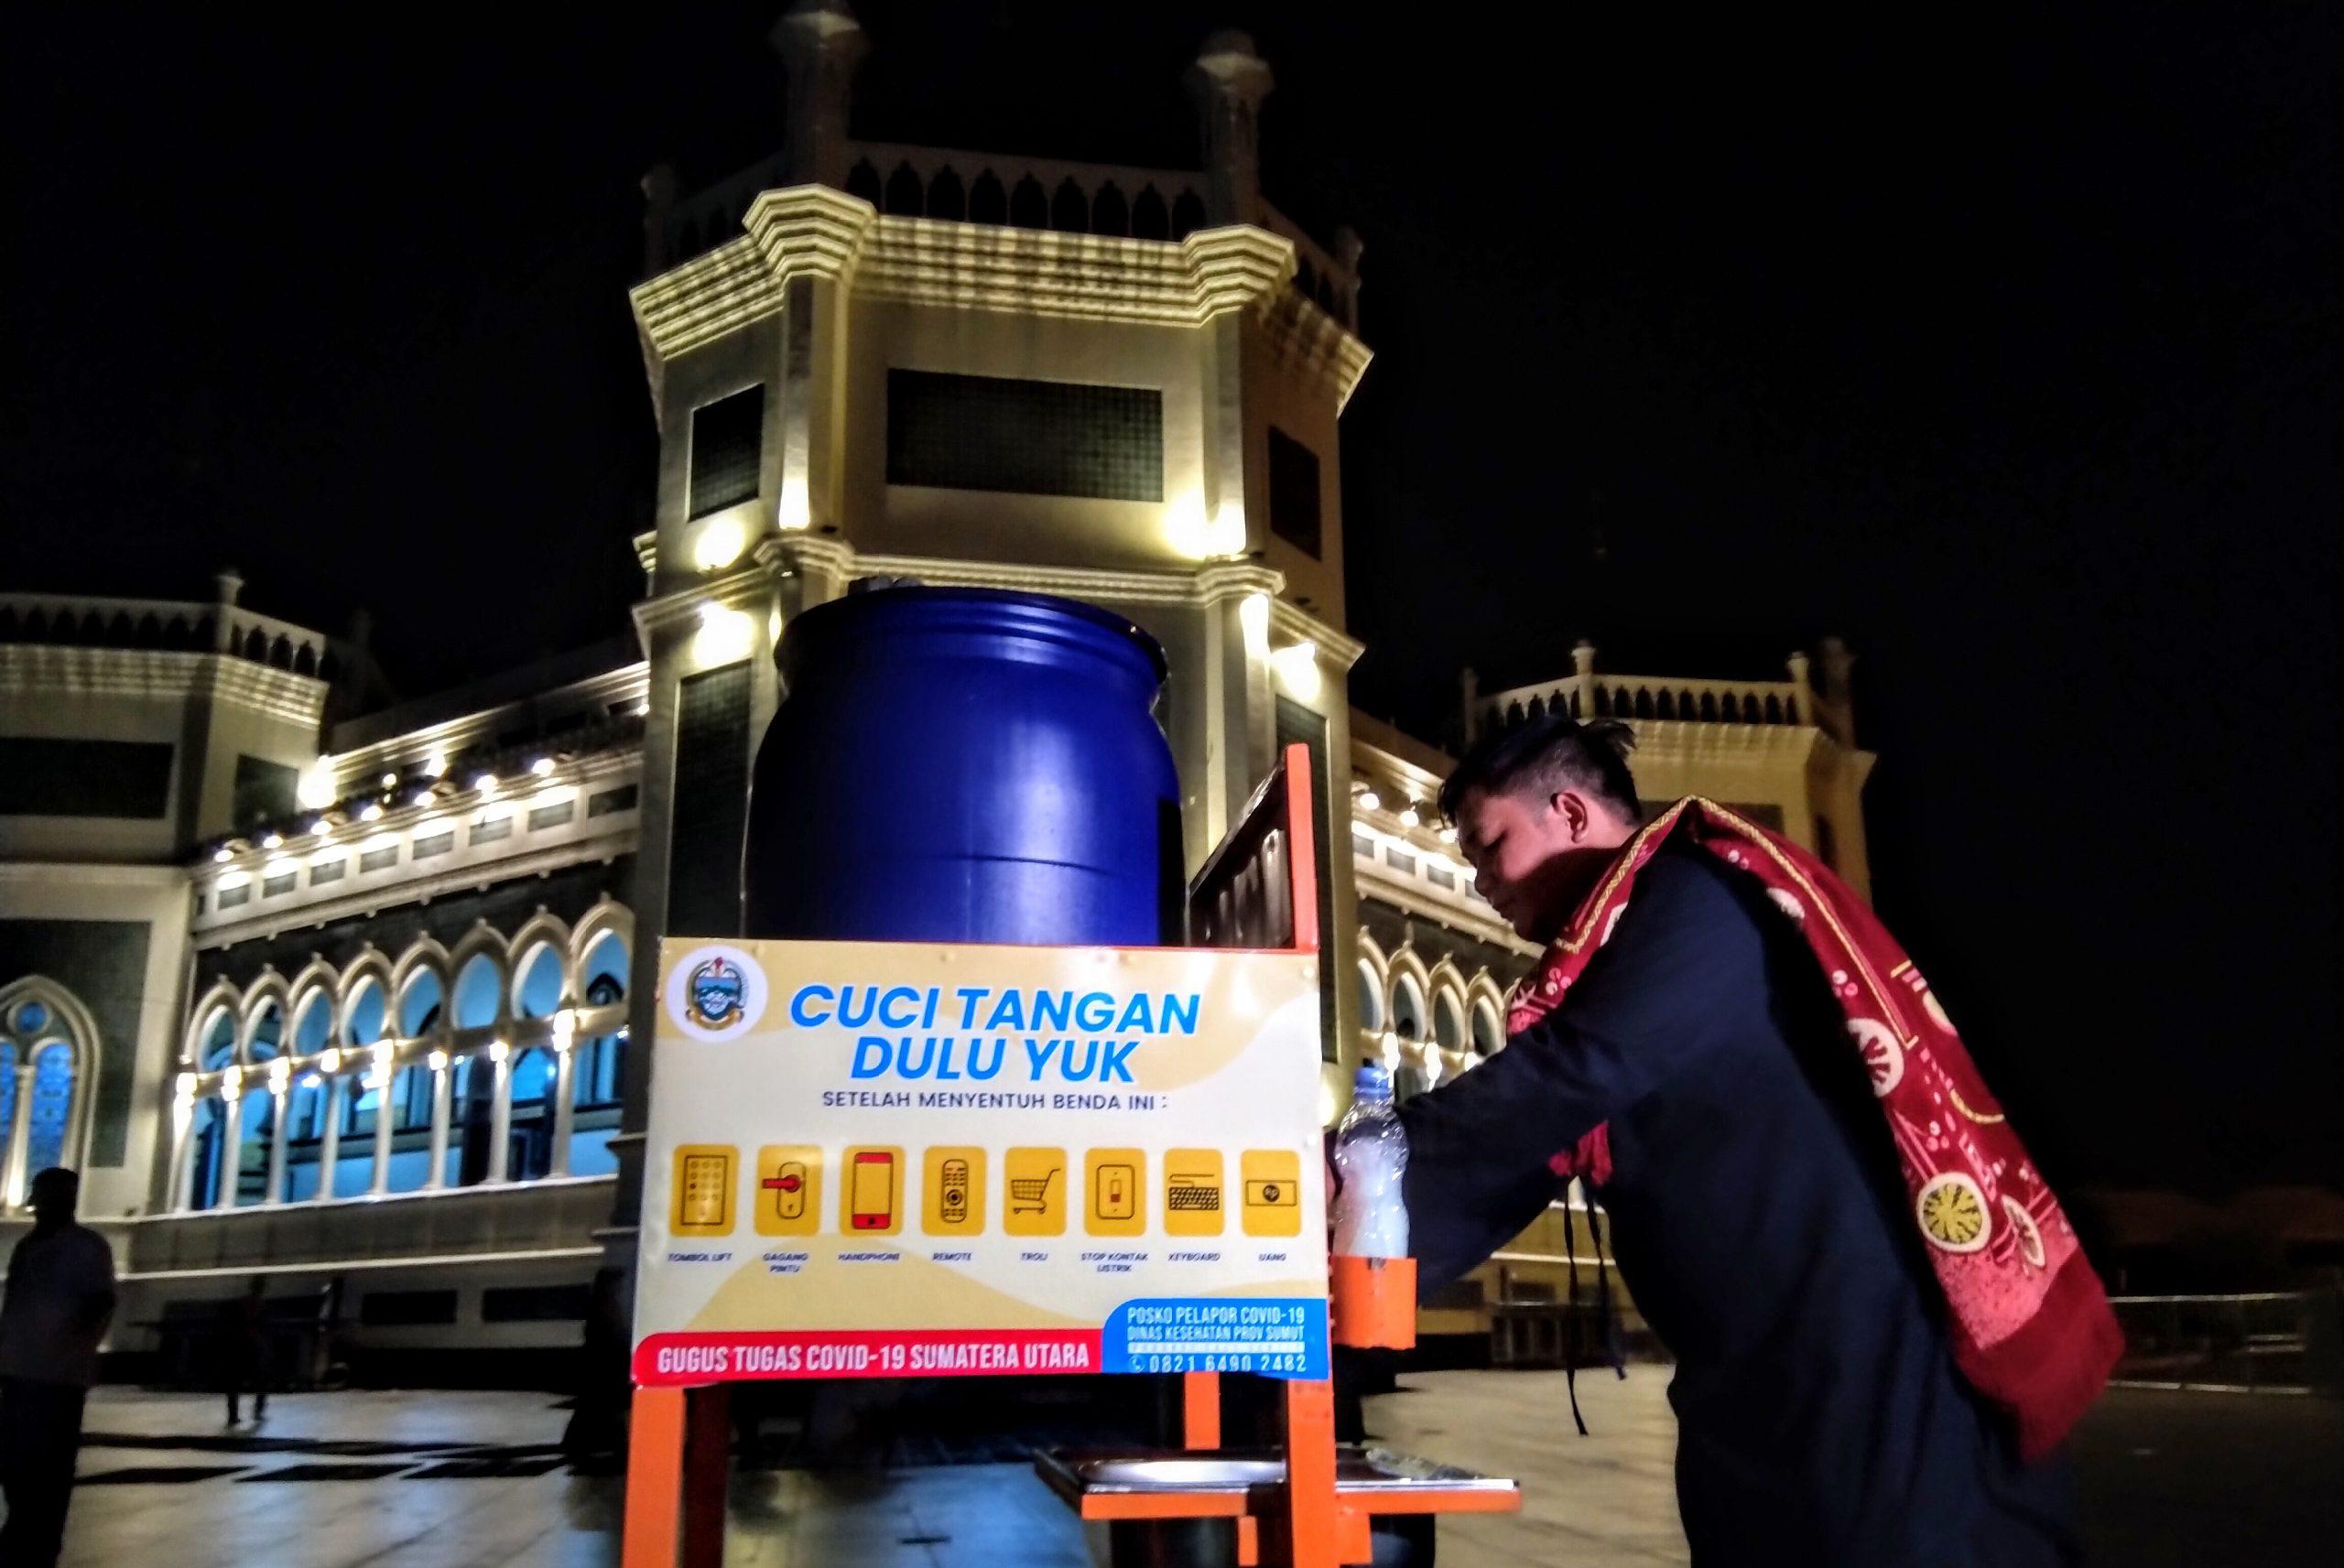 Seorang warga mencuci tangan sebelum pelaksanaan Salat Tarawih di Masjid Raya Al Mashun Medan. Foto: Rakyatsumut.com/Muklis